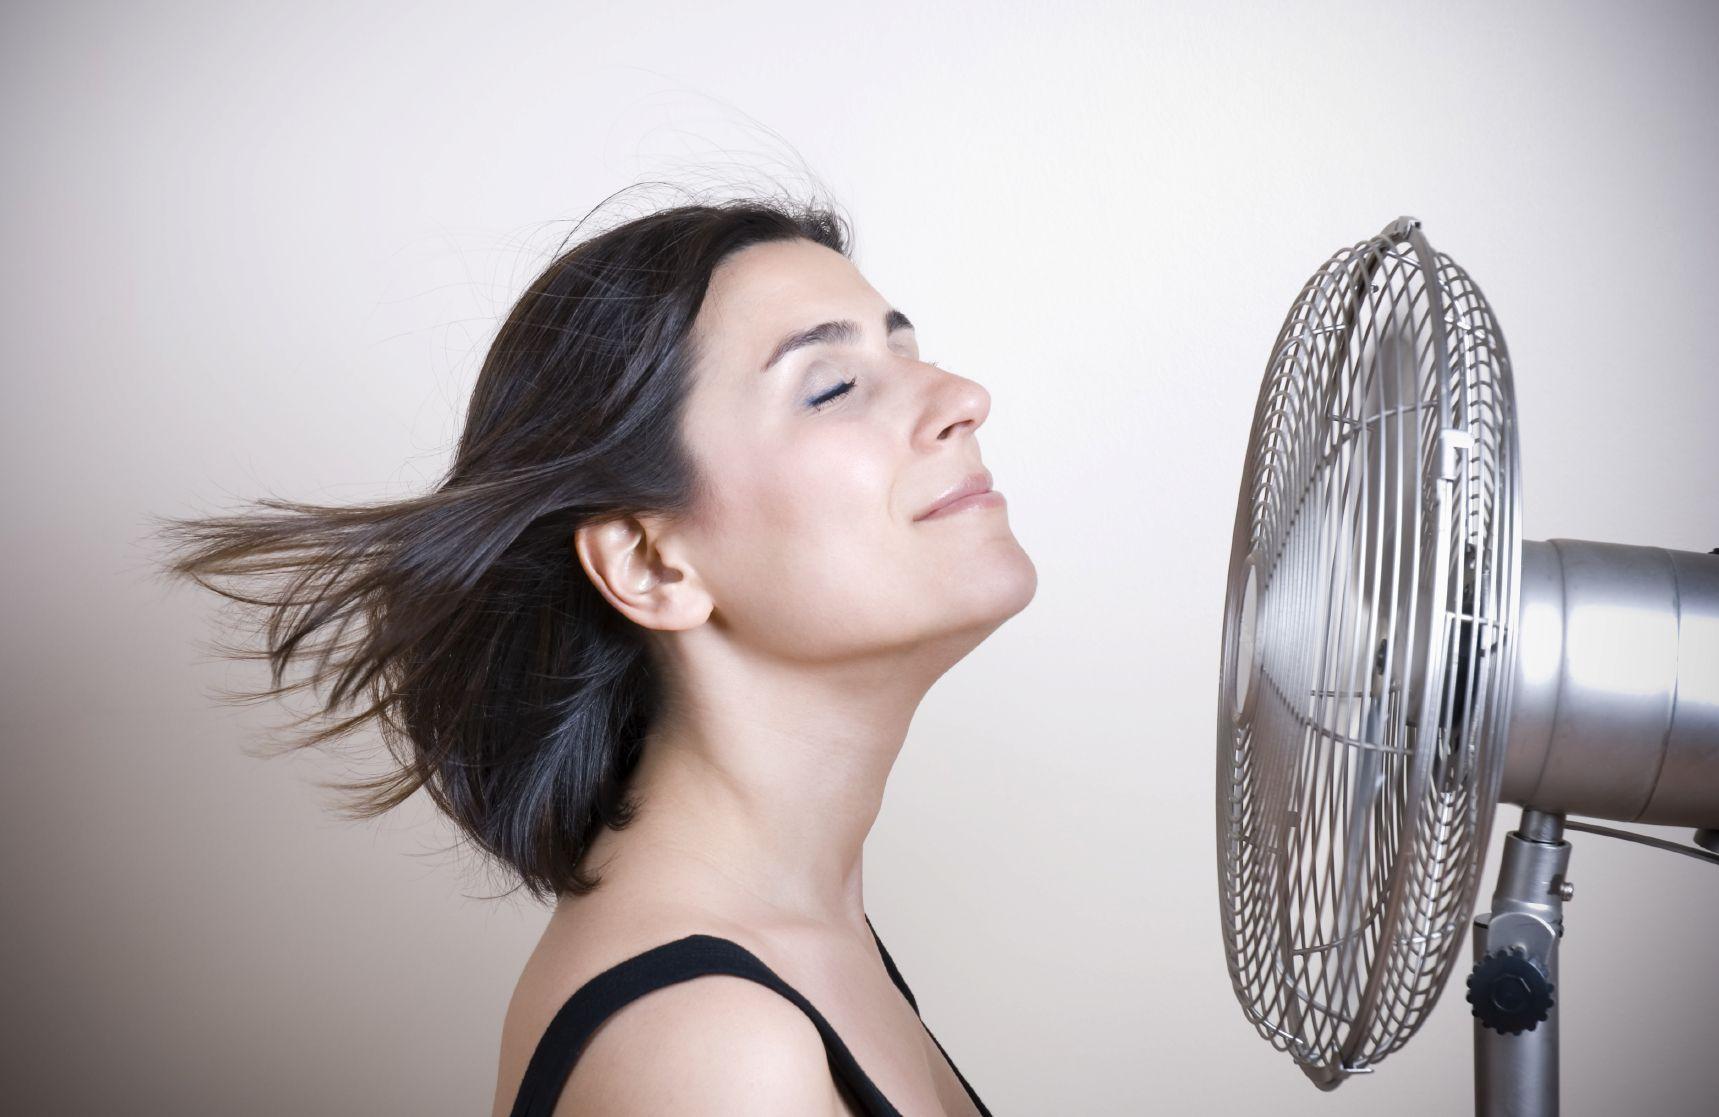 Le vampate di calore sono solo uno dei sintomi fisici, ma ce ne sono anche molti altri che influiscono sulla nostra vita.